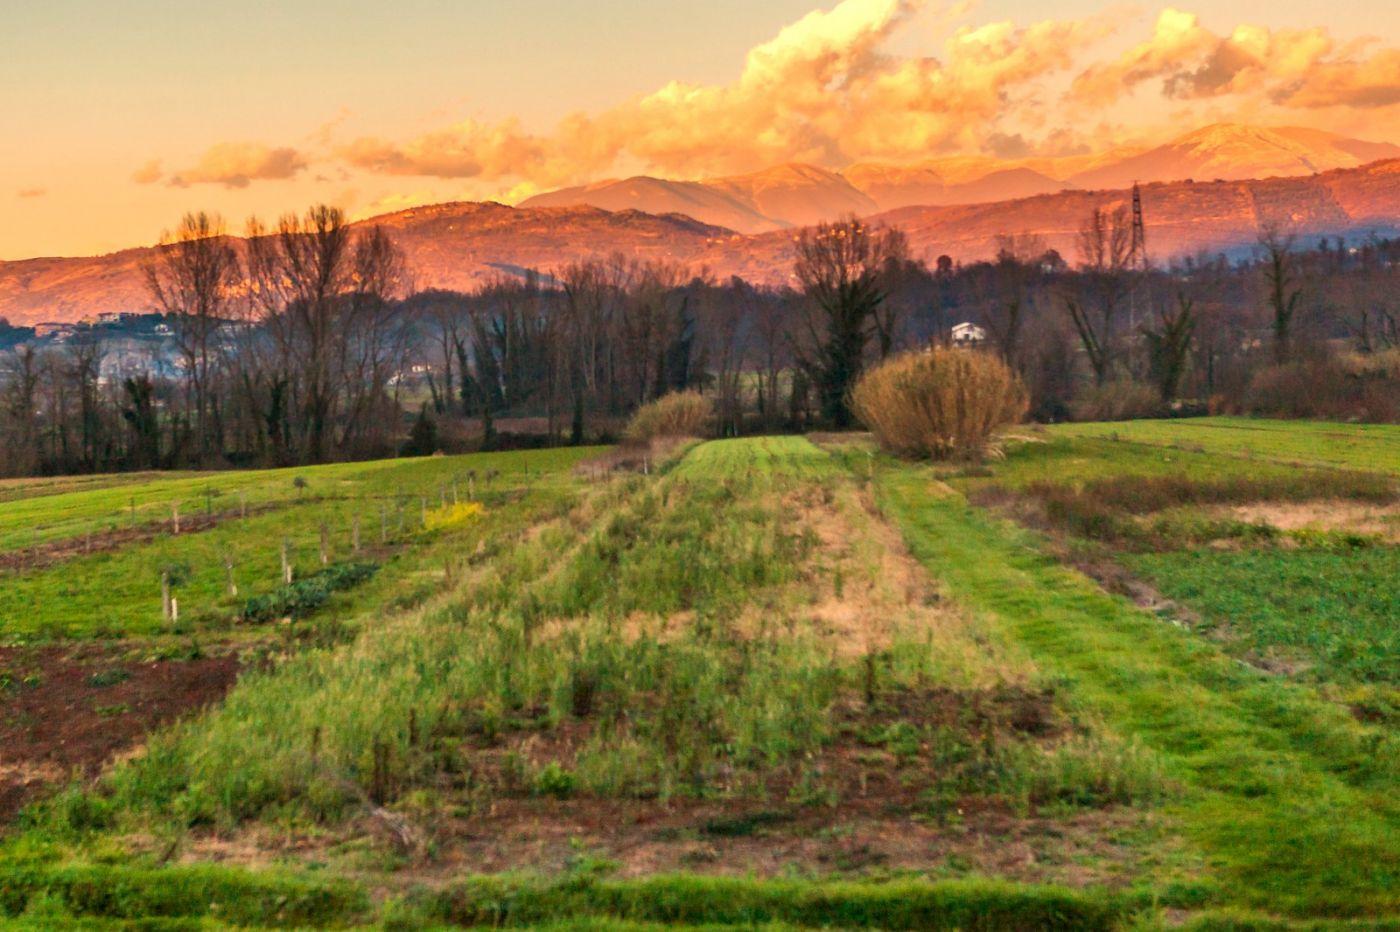 意大利路途,黄昏时的乡村_图1-22